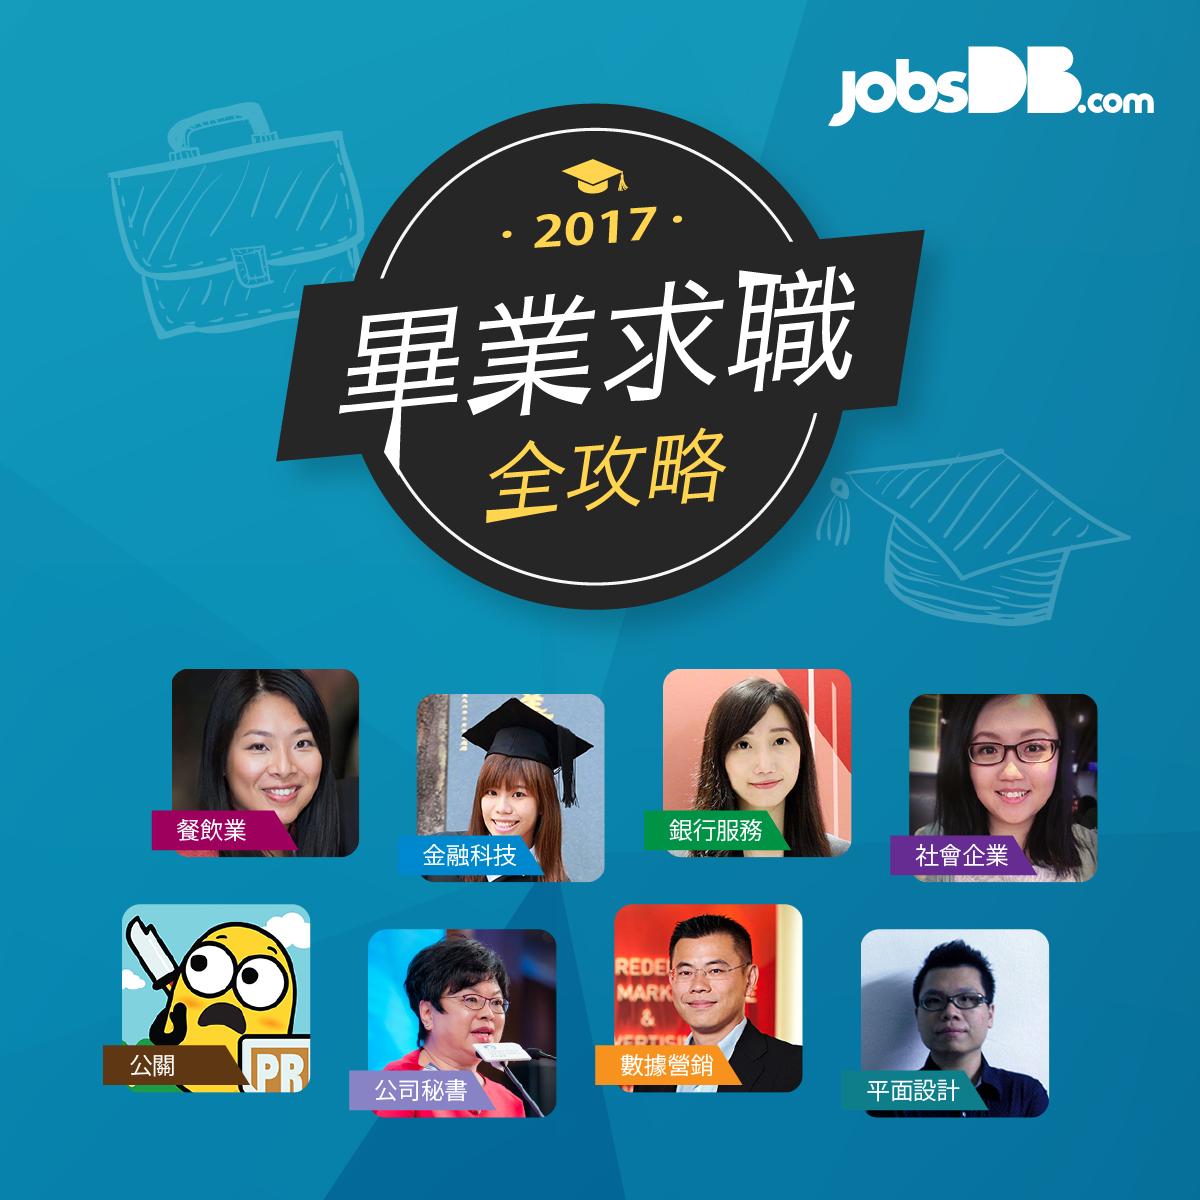 2017年畢業求職全攻略